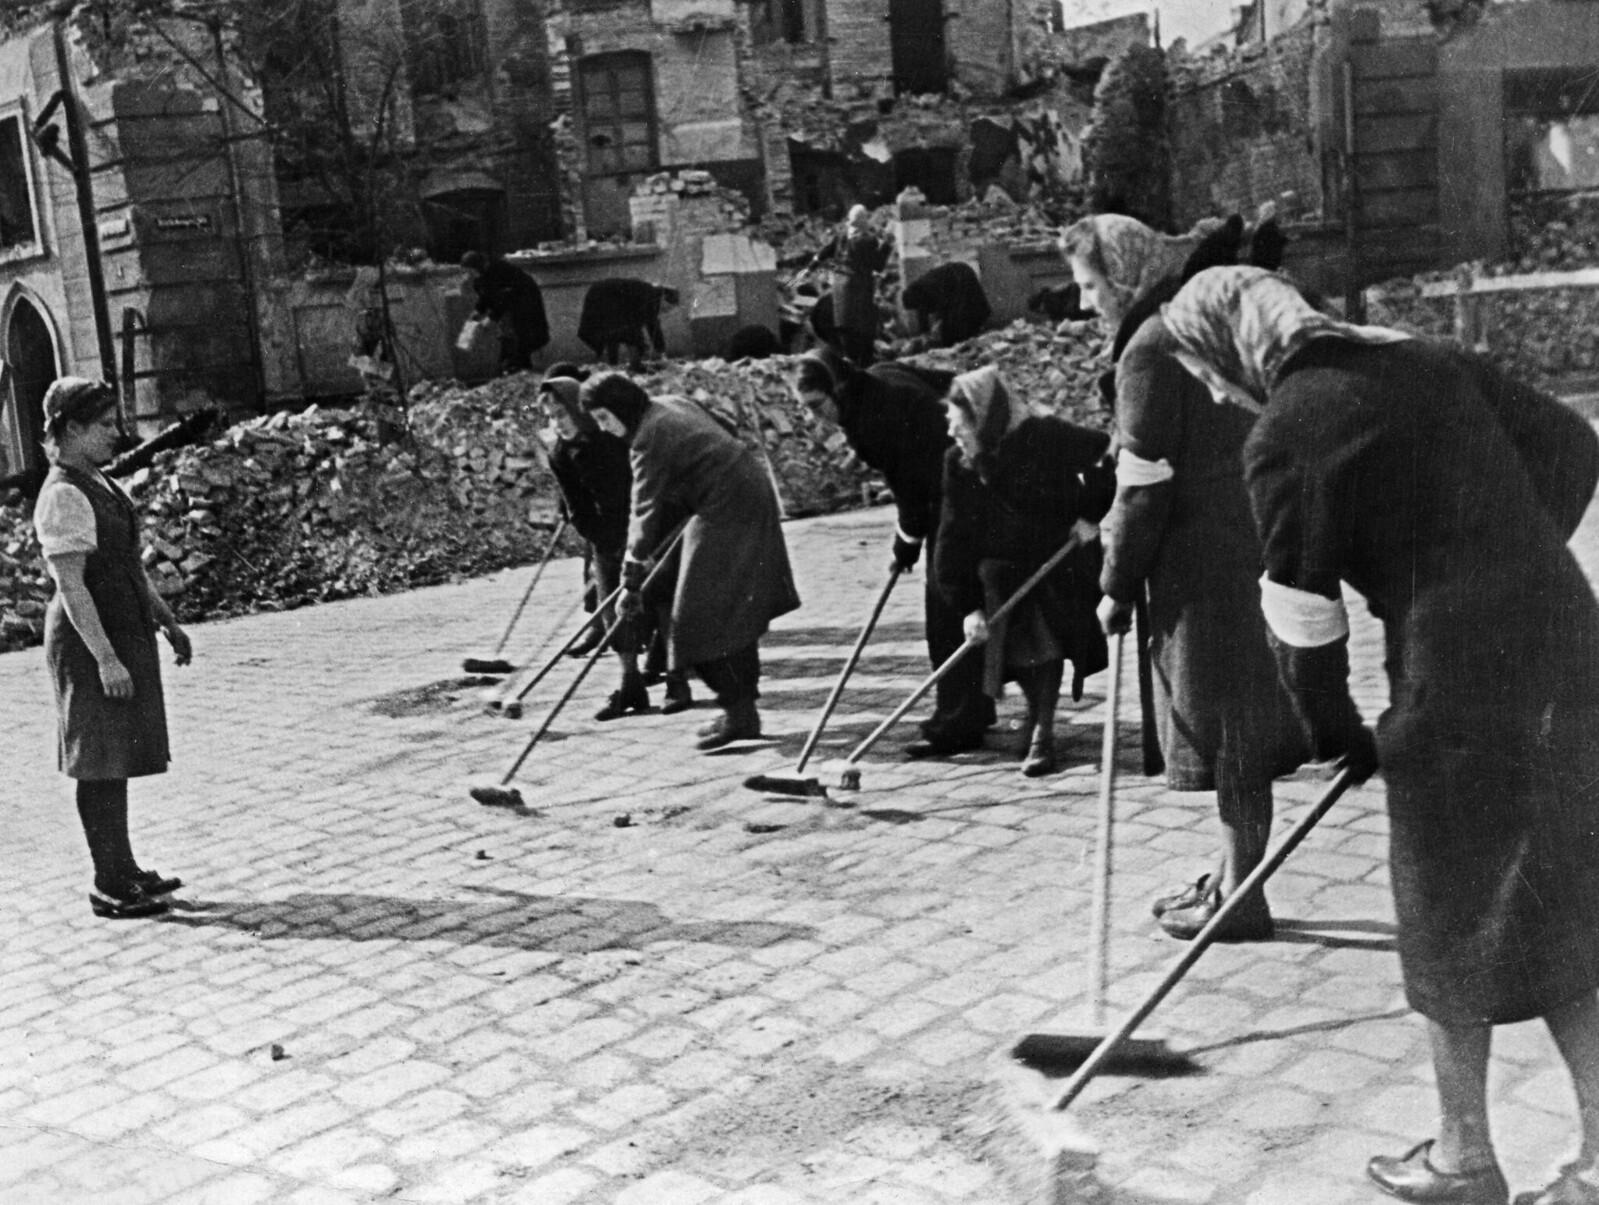 1945. Немецкие женщины, подметающие улицу Берлина после капитуляции под присмотром Маруси Кузнецовой, которая более двух лет провела в качестве подневольной работницы в Германии